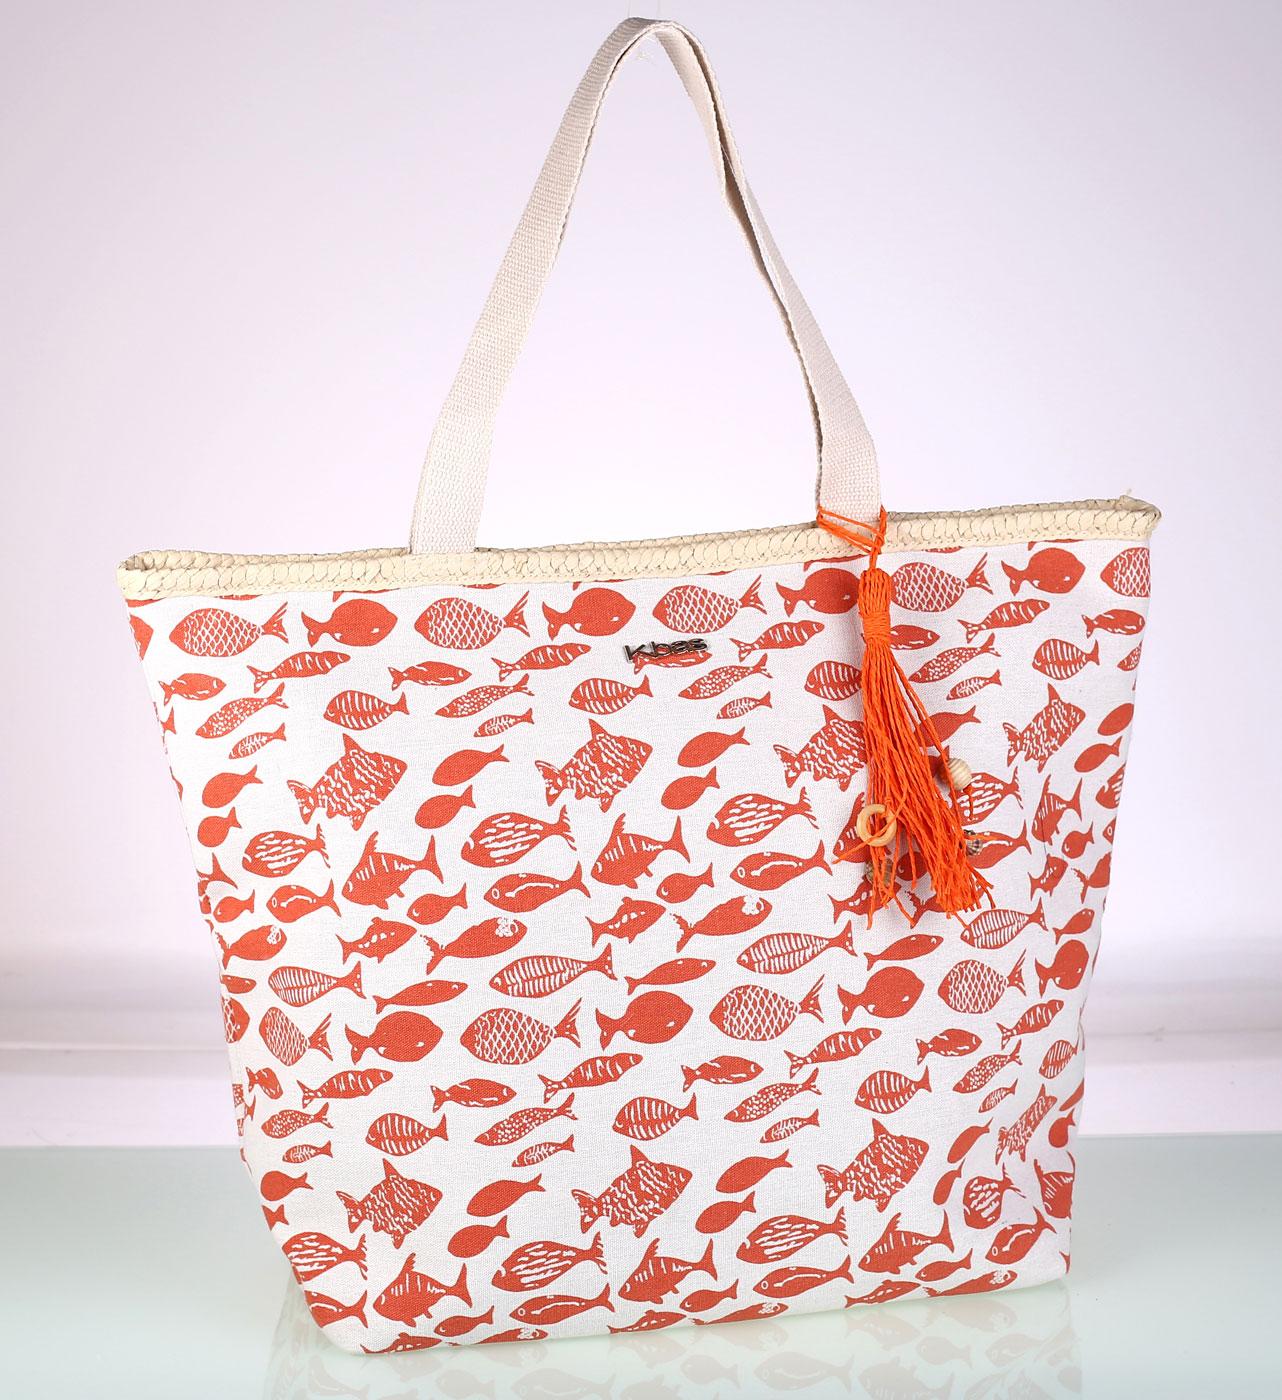 2b0257a96 Plátěná taška na pláž Kbas oranžová